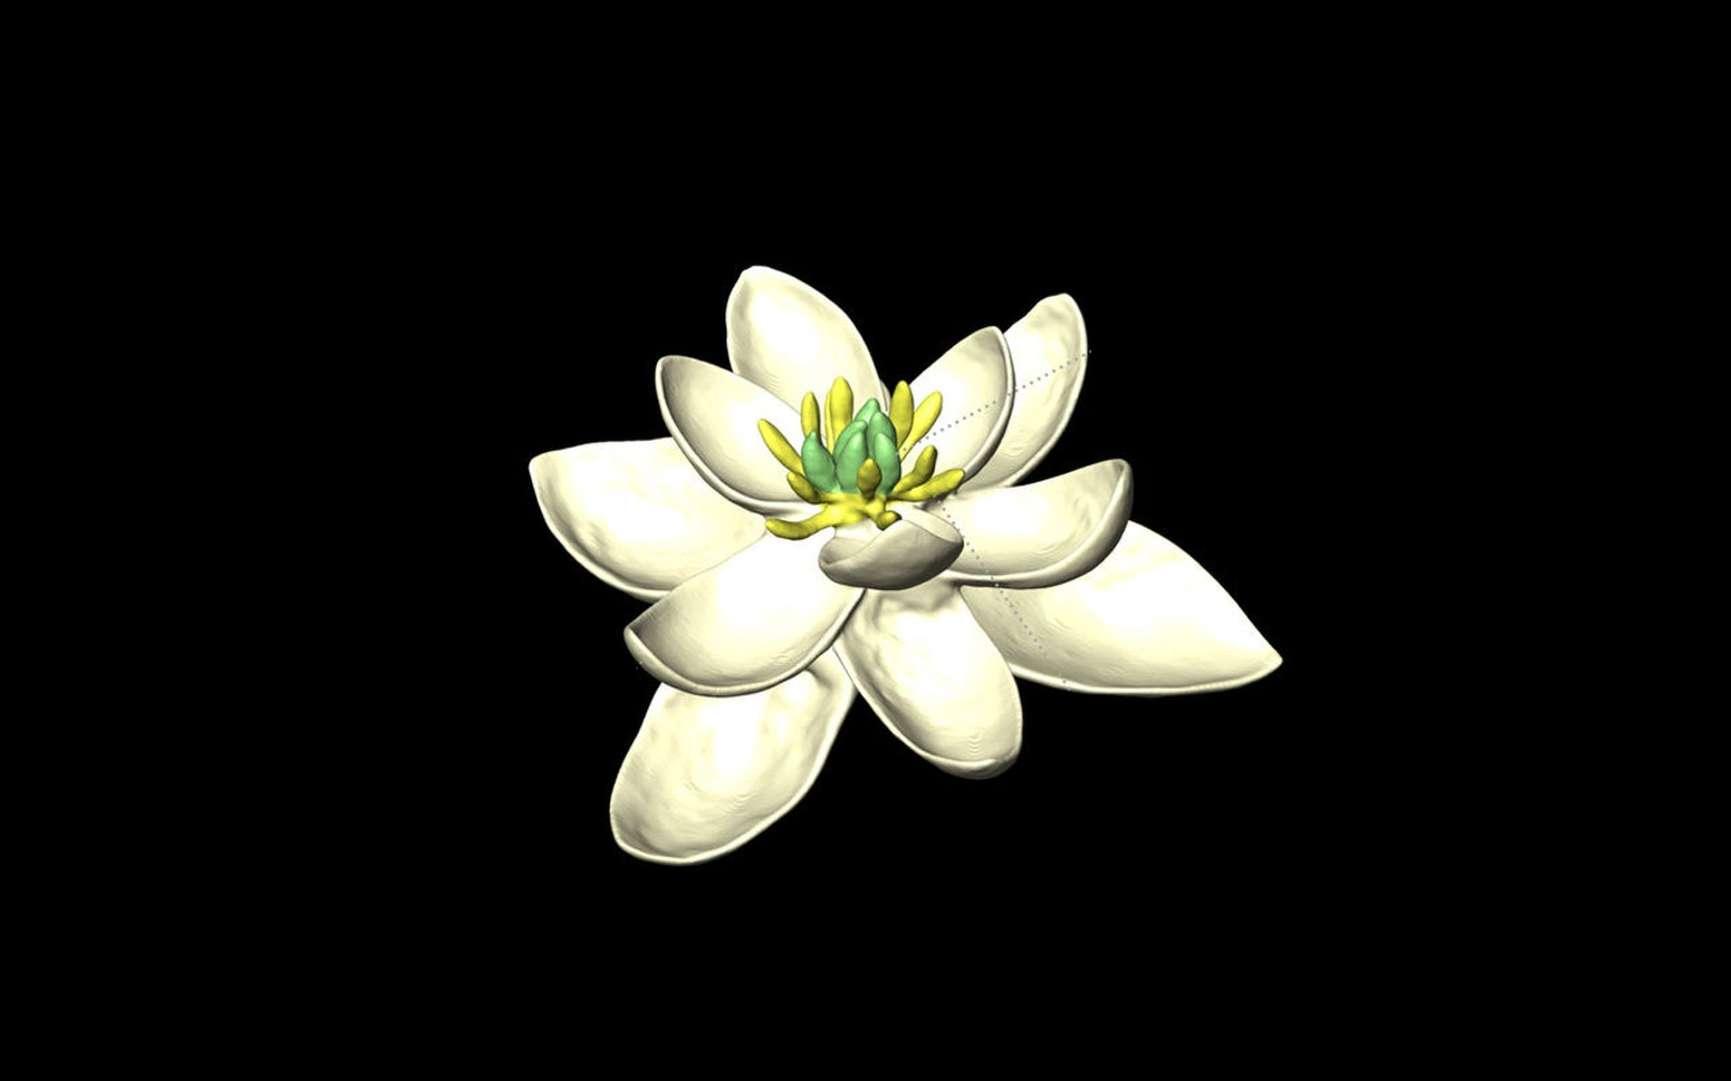 L'ancêtre de toutes les fleurs était hermaphrodite. Ici, modèle de la fleur ancestrale. © H. Sauquet, J. Schönenberger, CNRS